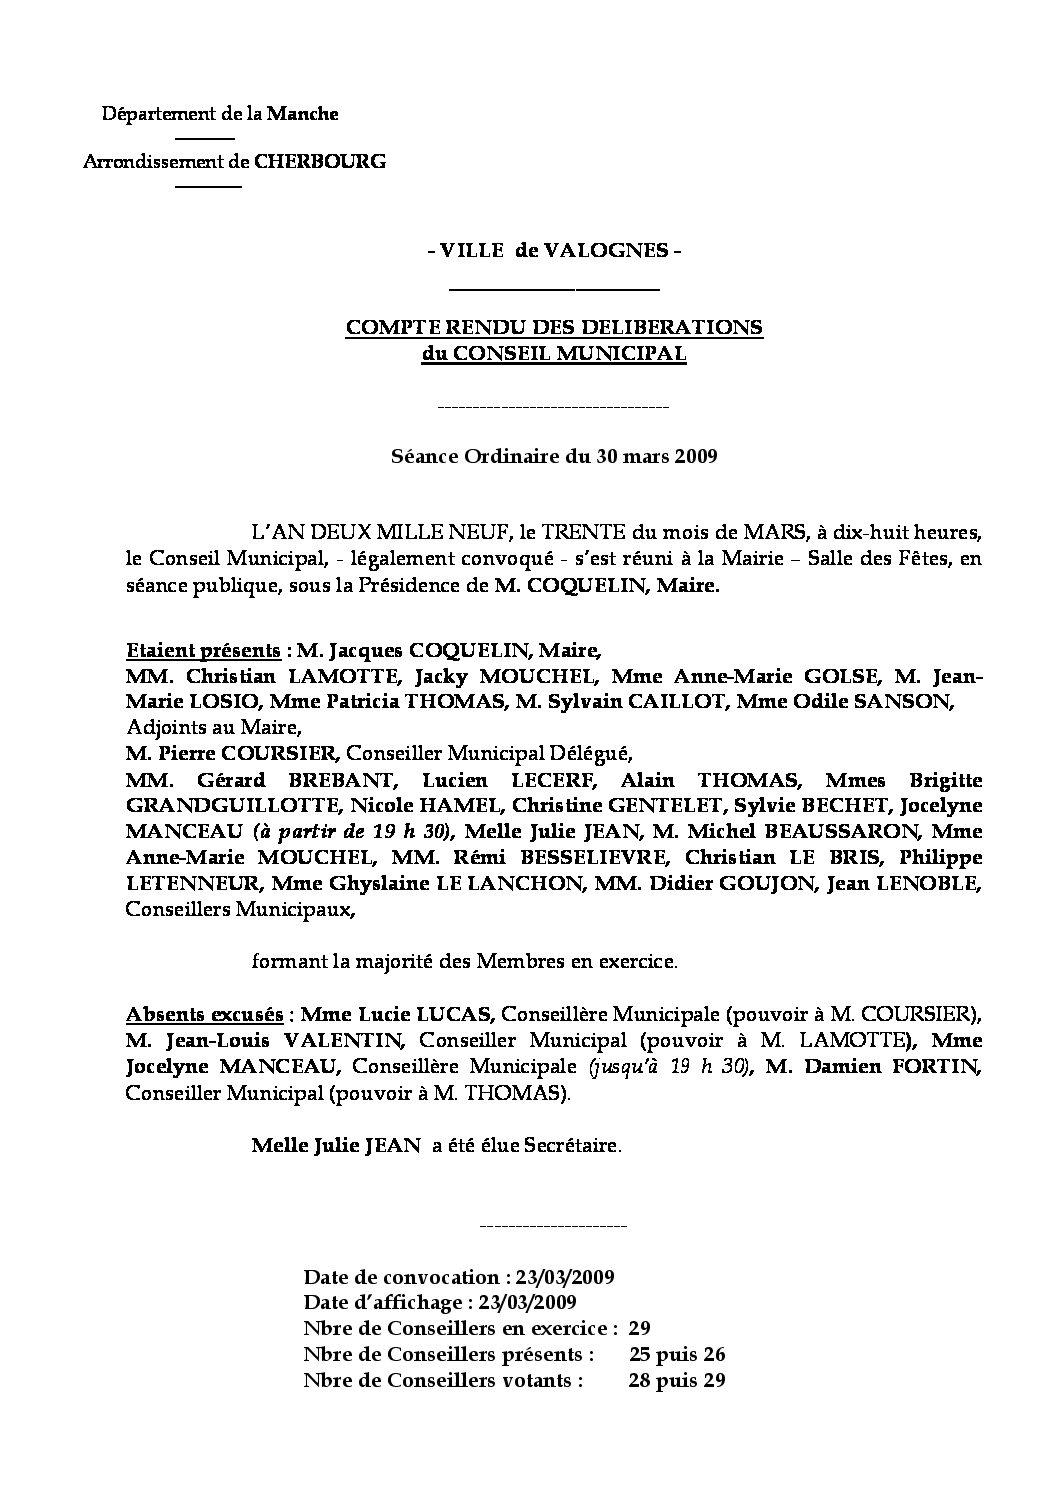 Extrait du registre des délibérations du 30-03-2009 - Compte rendu des questions soumises à délibération lors de la séance du Conseil Municipal du 30 mars 2009.